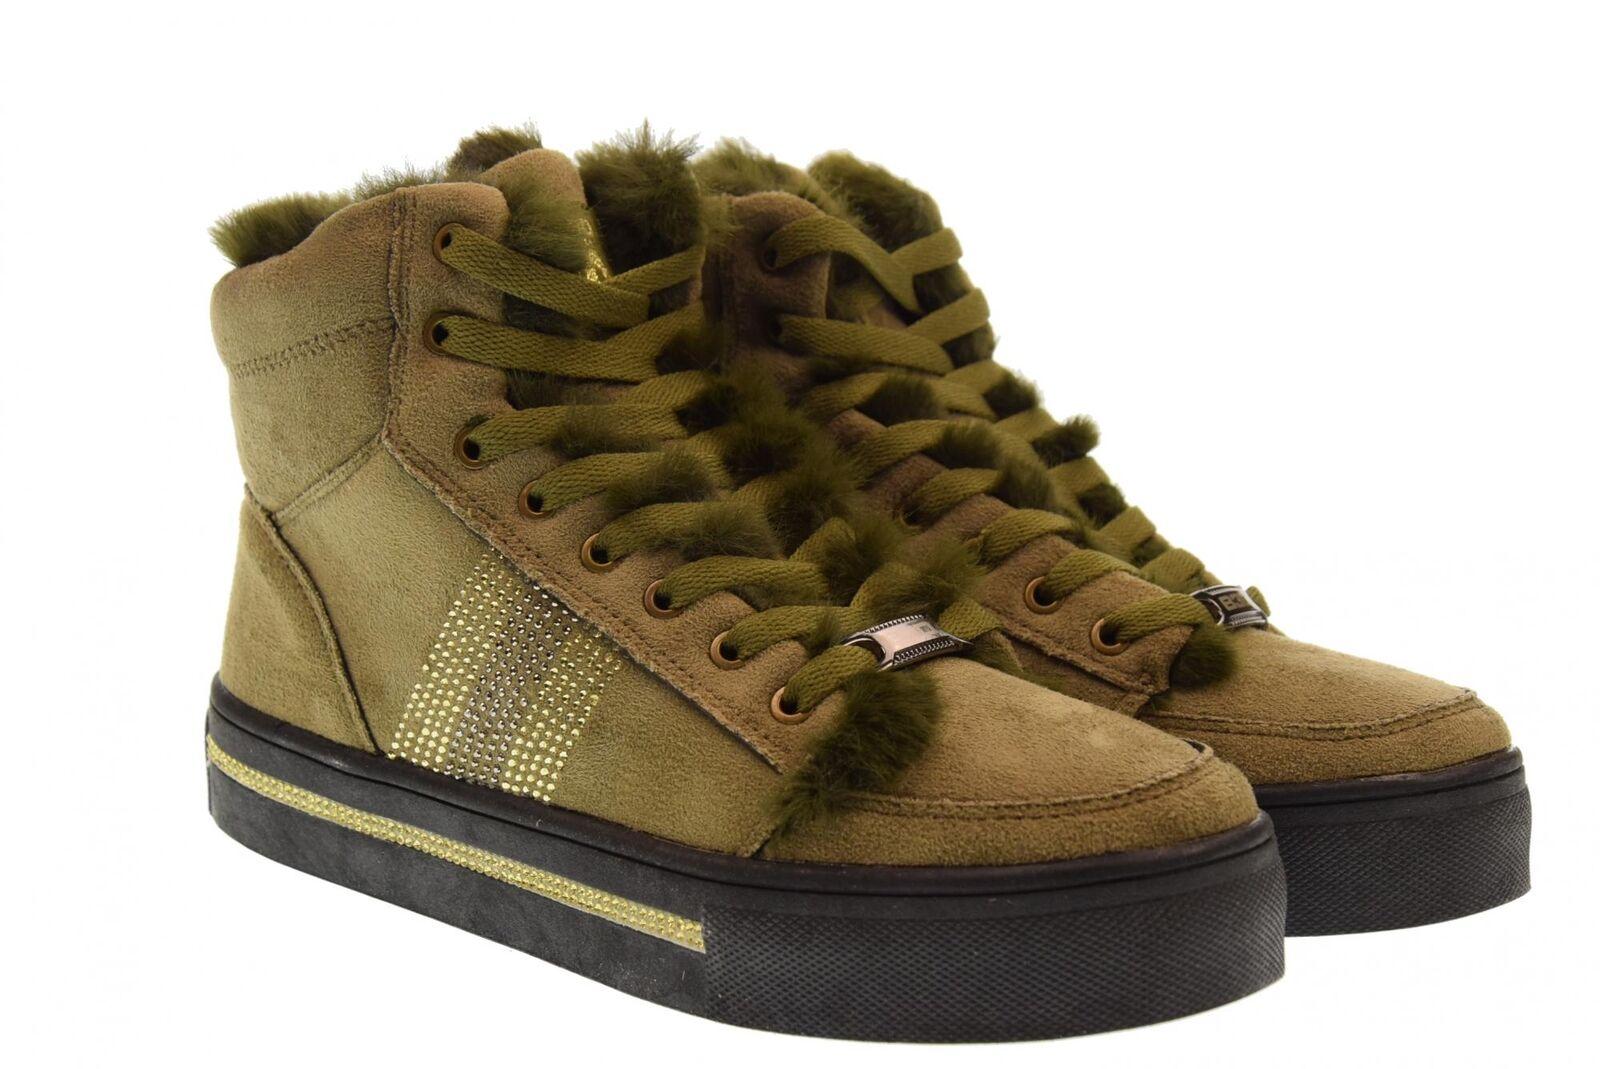 B3d Chaussures A18u Chaussures Femme Haute Baskets 41542 kaki